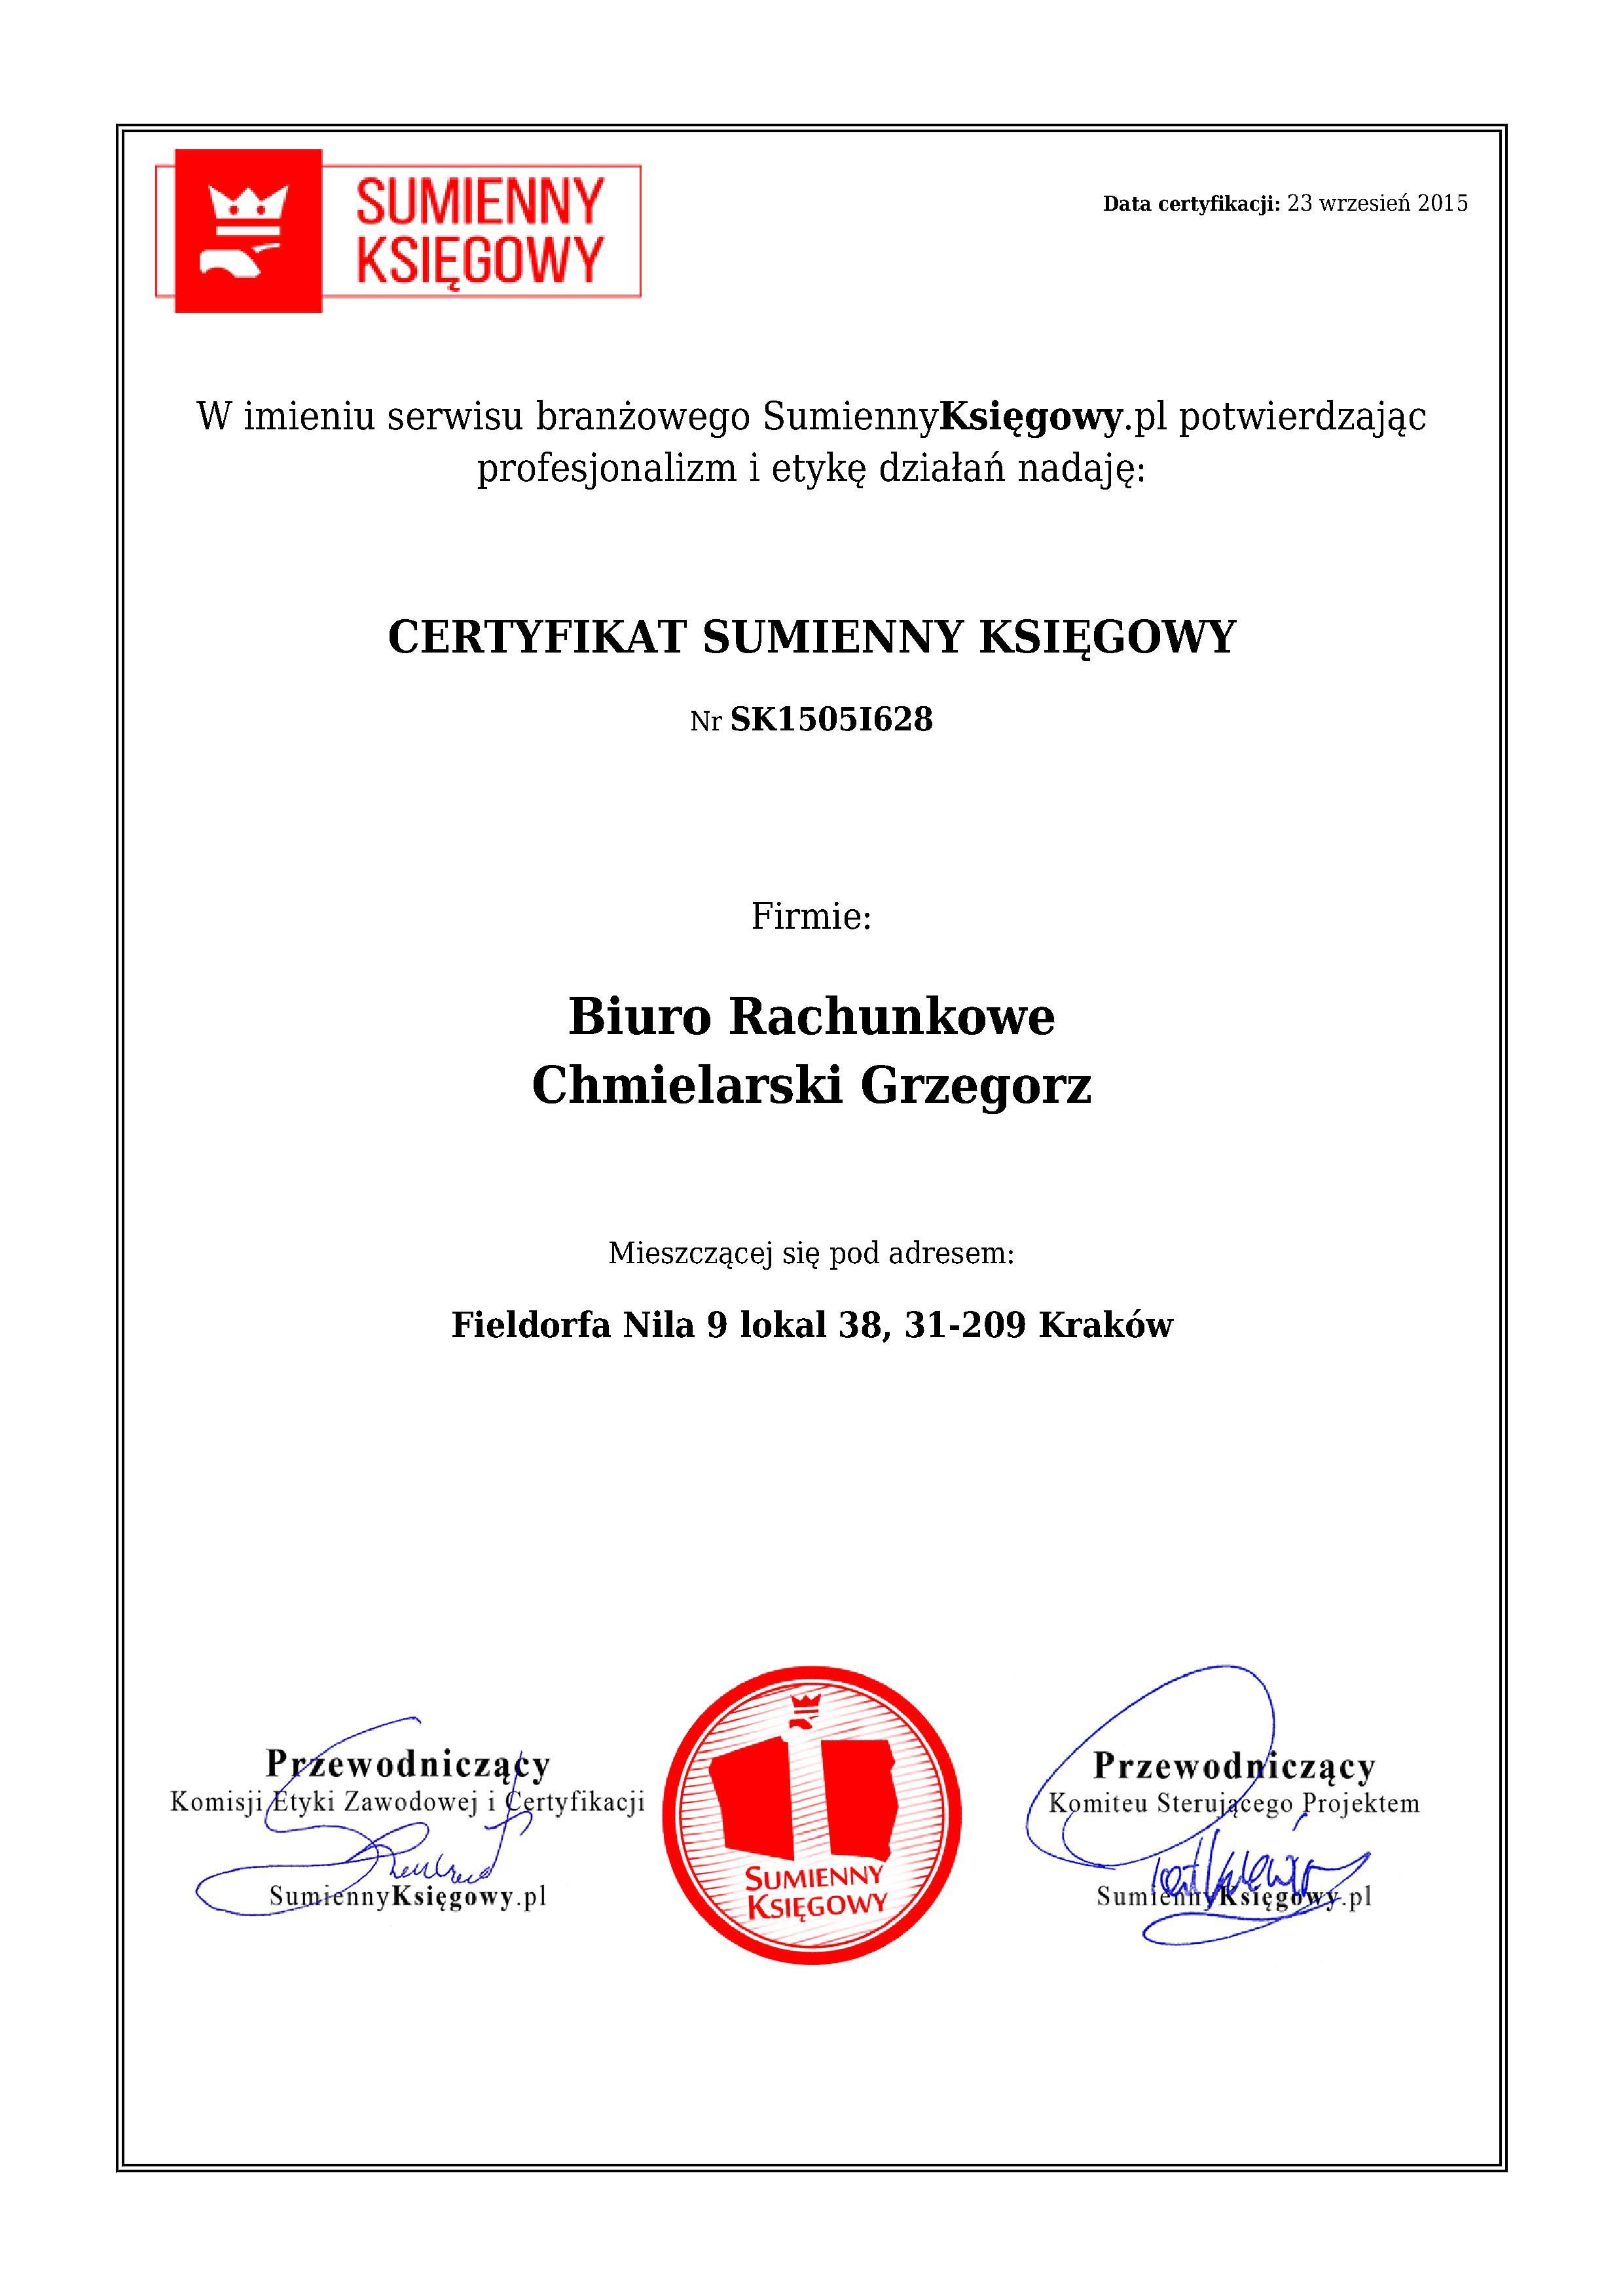 Certyfikat Biuro Rachunkowe Chmielarski Grzegorz